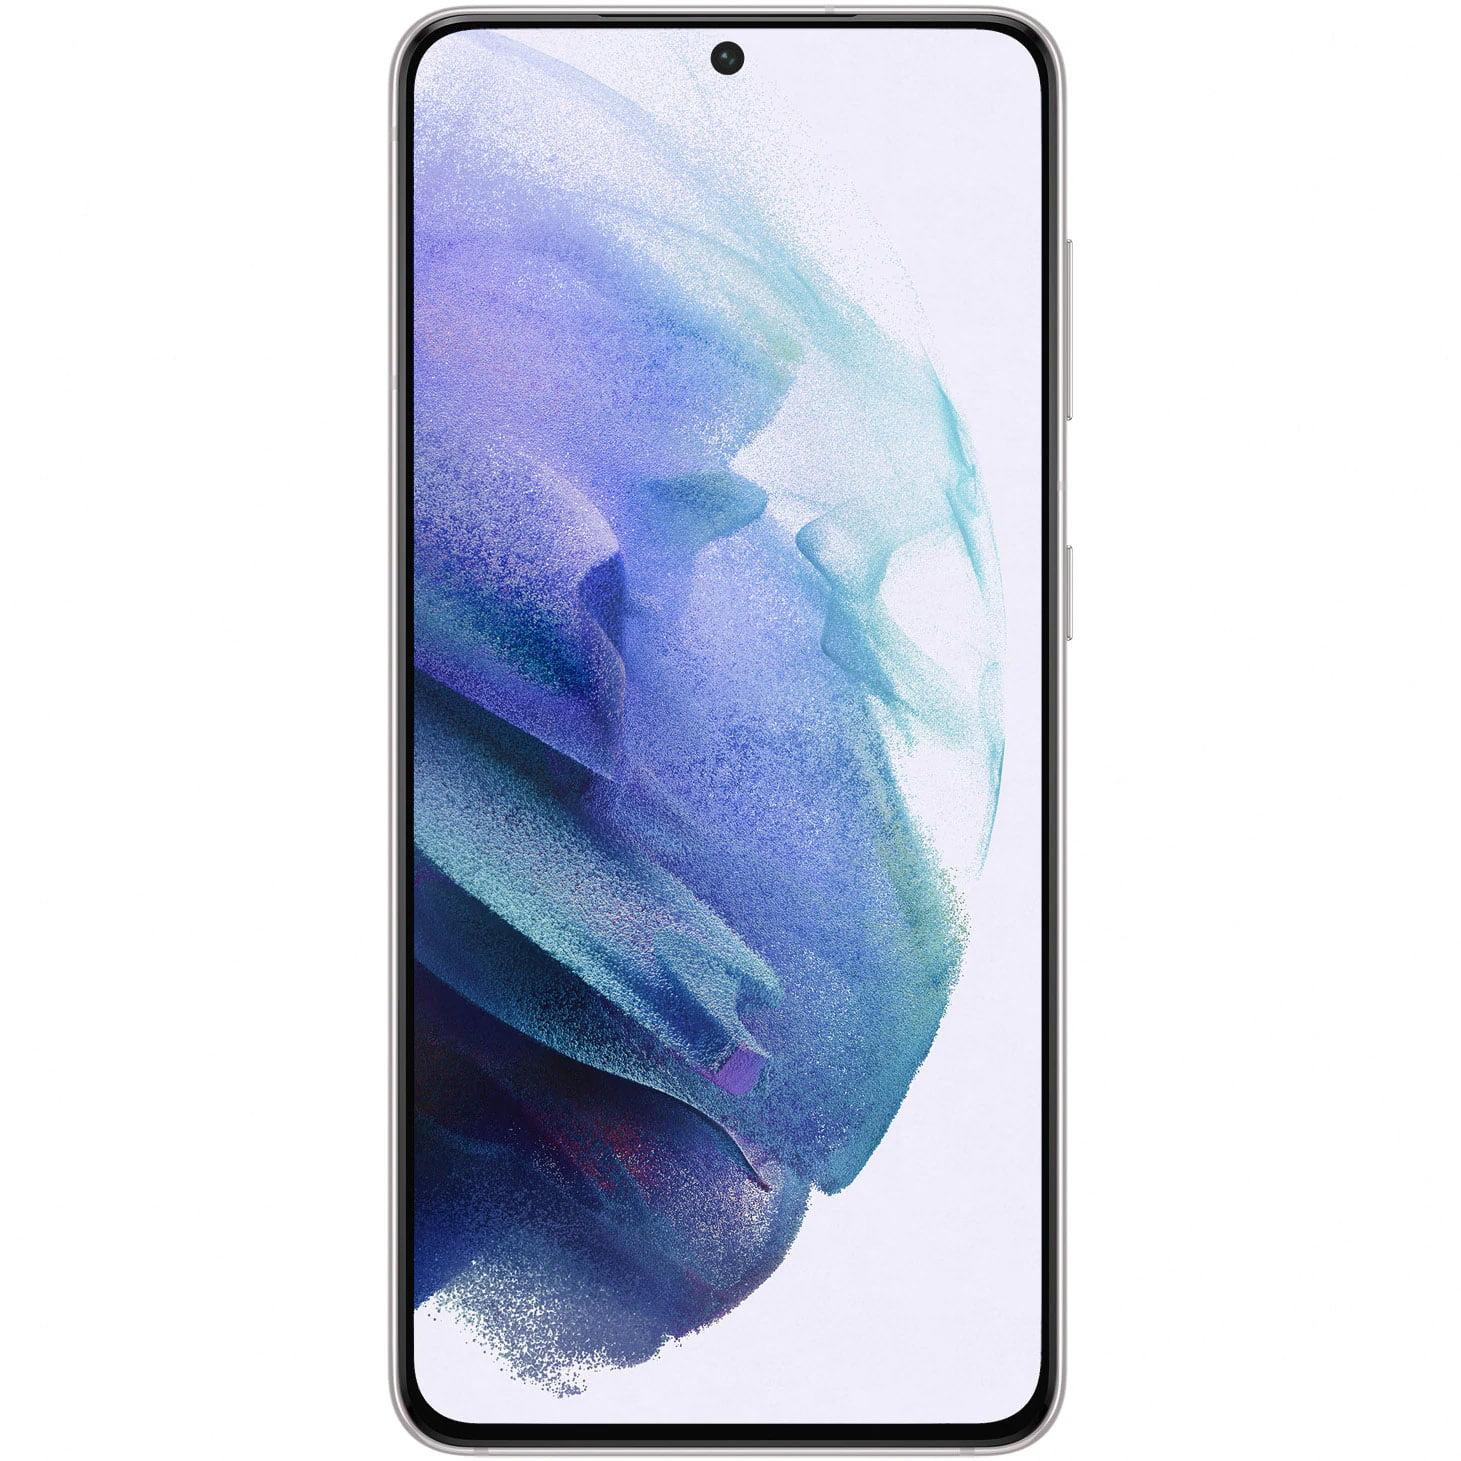 Telefon mobil Samsung Galaxy S21, Dual SIM, 256GB, 8GB RAM, 5G, Phantom White